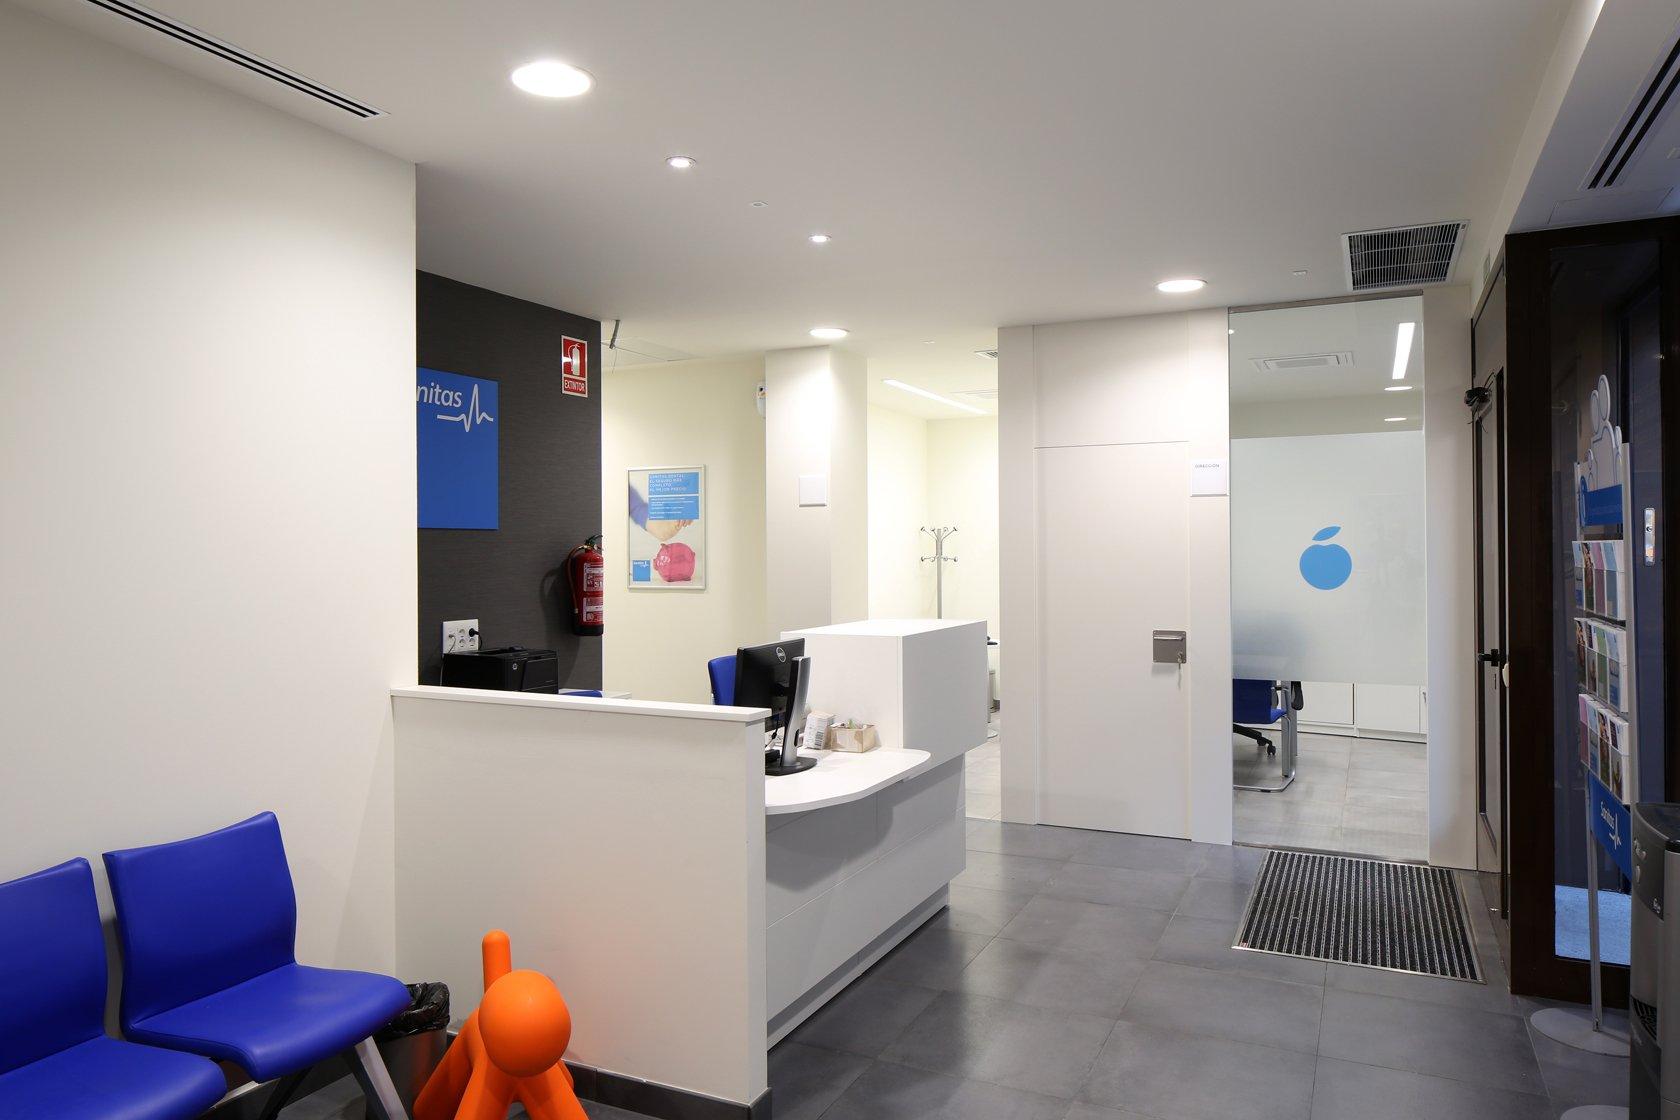 Clinica dental chueca dentistas centro madrid sanitas for Sanitas madrid oficinas